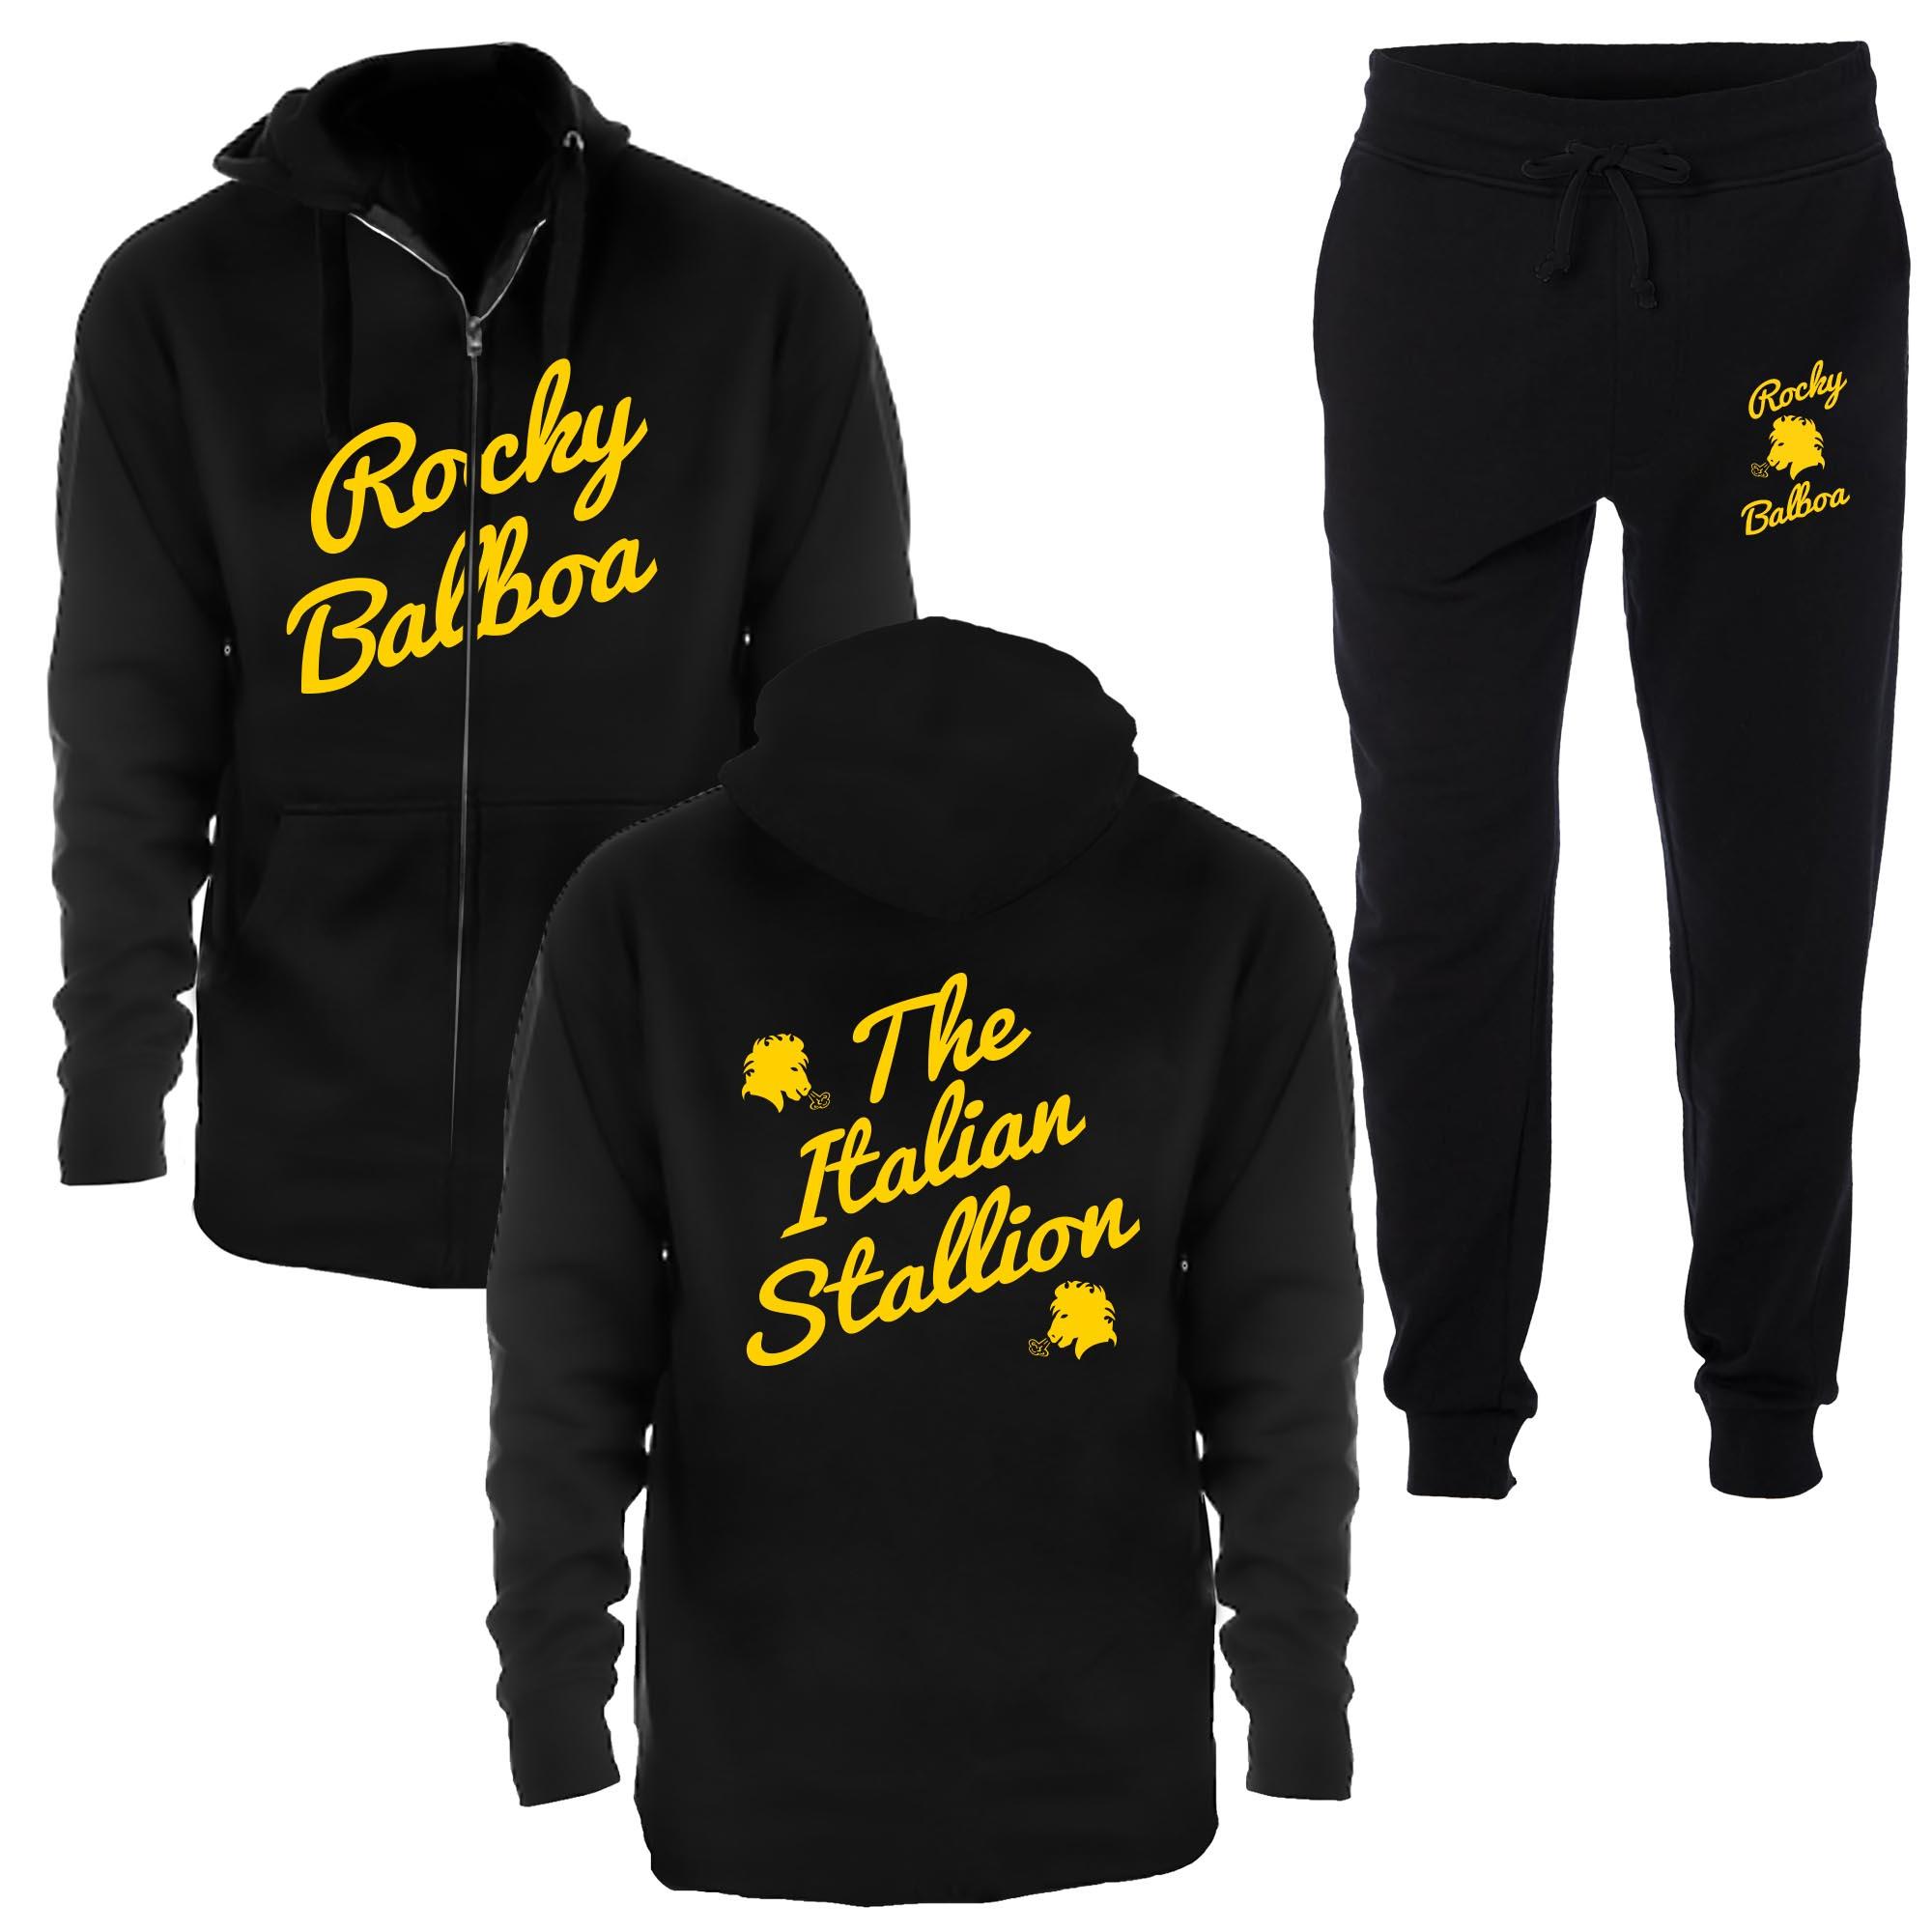 Rocky Balboa Italian Stallion Jogging Suit